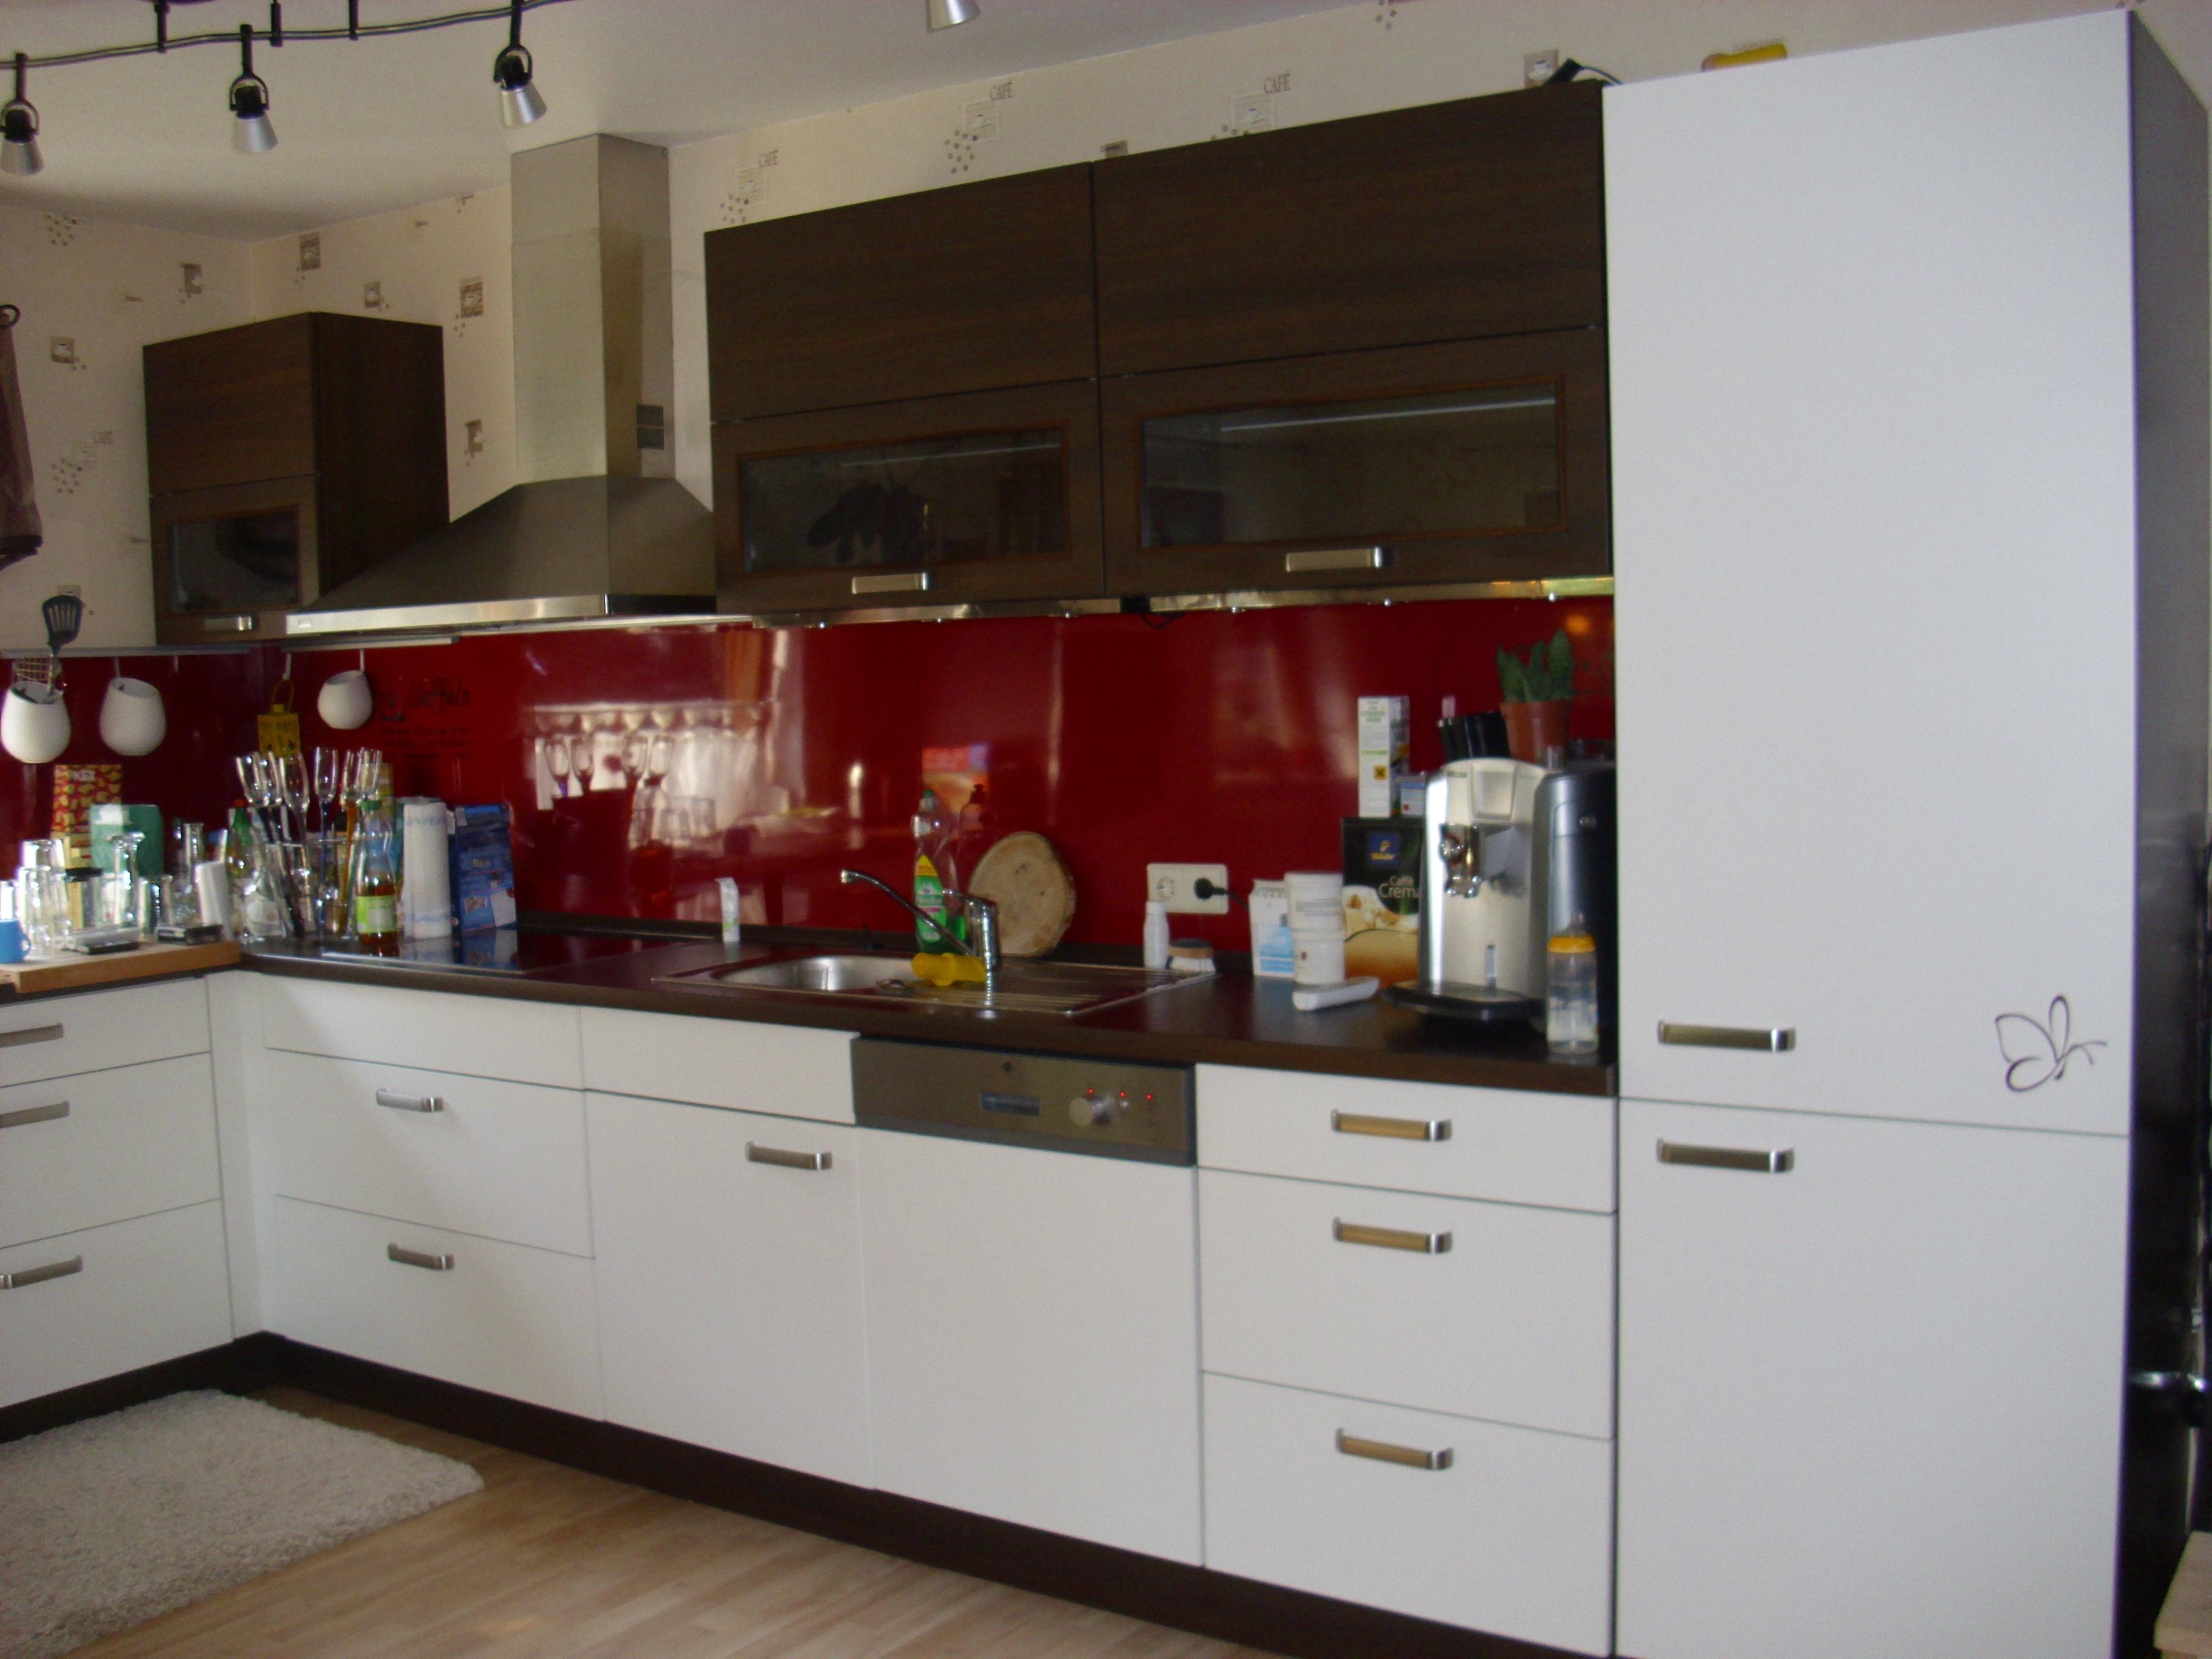 Möbel und Haushalt Kleinanzeigen in Villingen Schwenningen